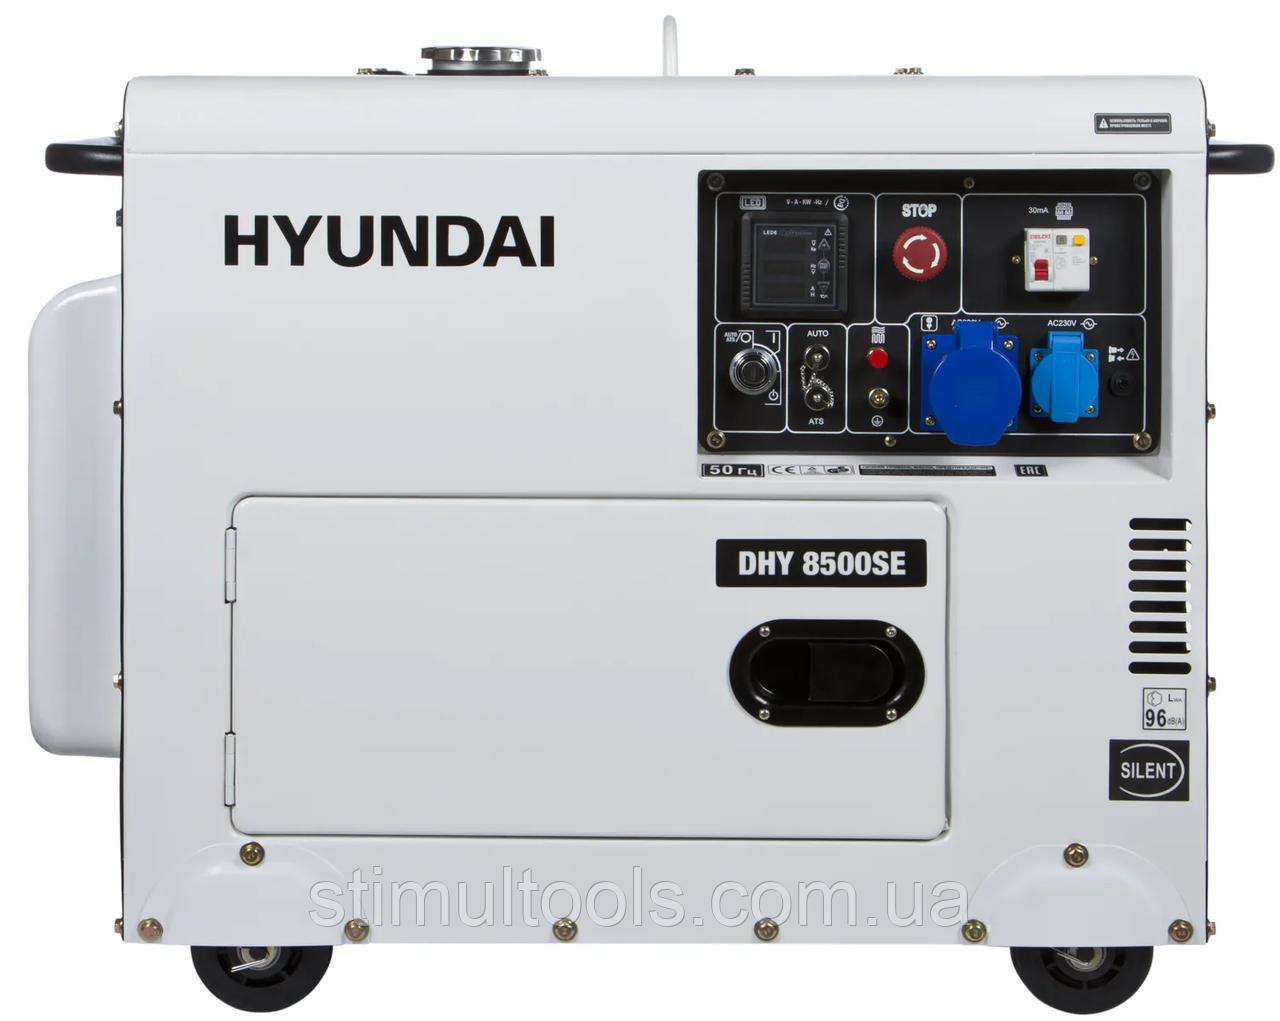 Генератор дизельный Hyundai DHY 8500SE. Бесплатная доставка по Украине!